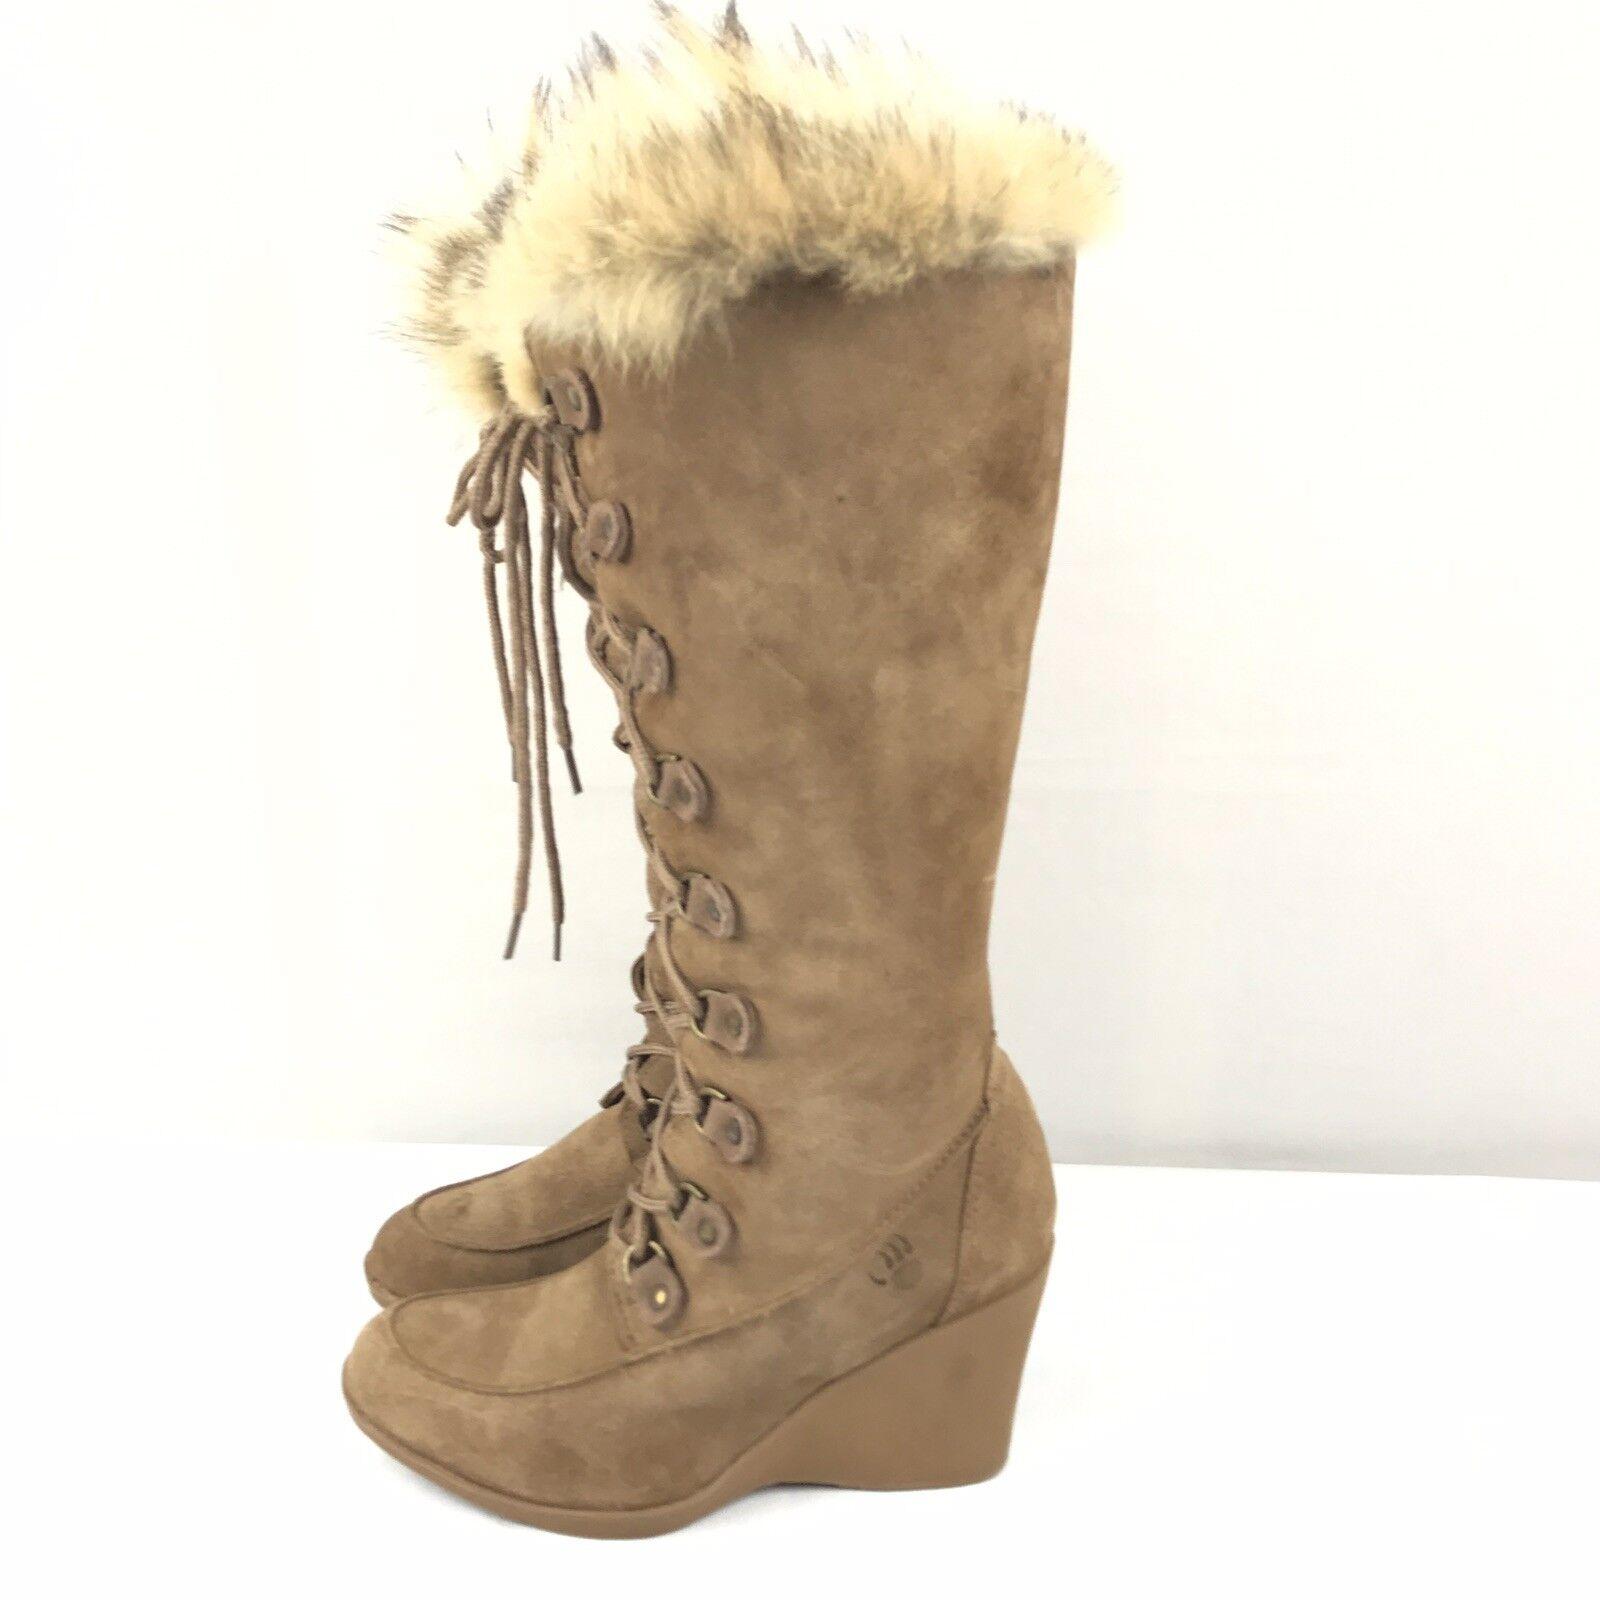 centro commerciale di moda Bearpaw stivali Wedges Genuine Suede Coyote Fur Trim Dimensione Dimensione Dimensione 8 Tan Marrone Lace Up  alta quaità